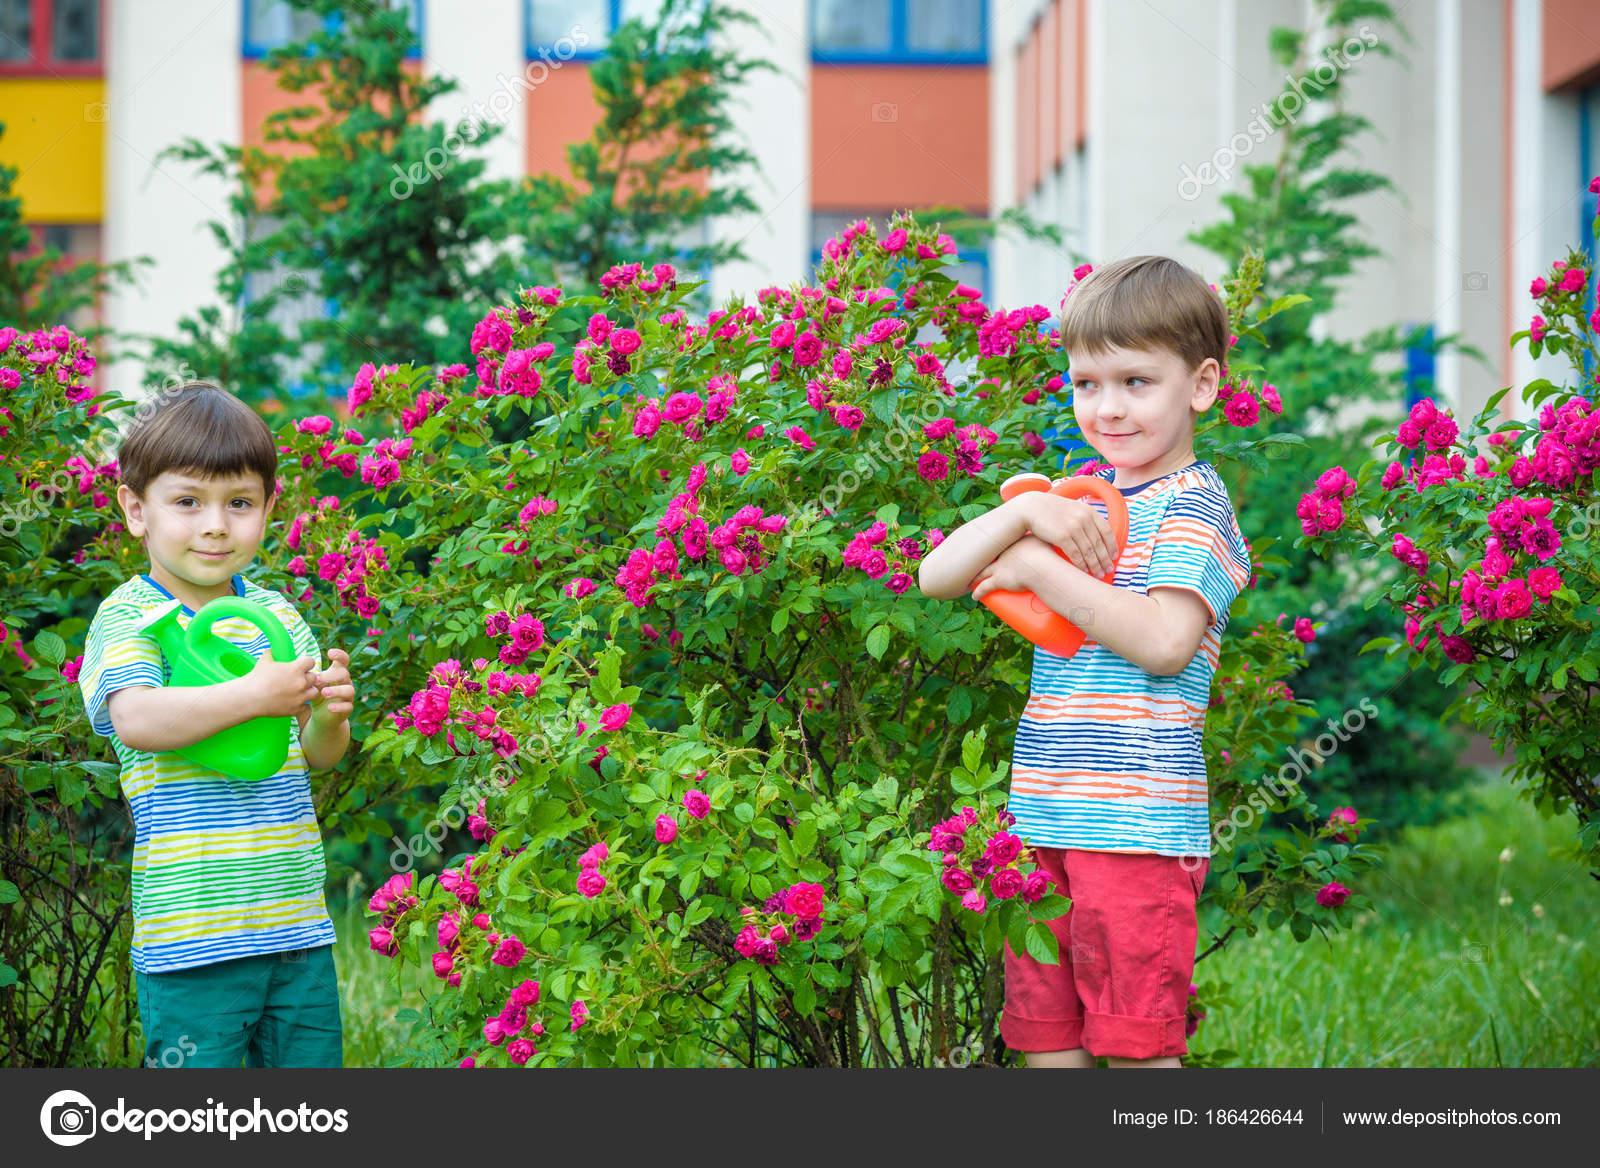 d8189bf16 Niños ayudar a sus padres y que se divierten en verano o primavera.  Familia